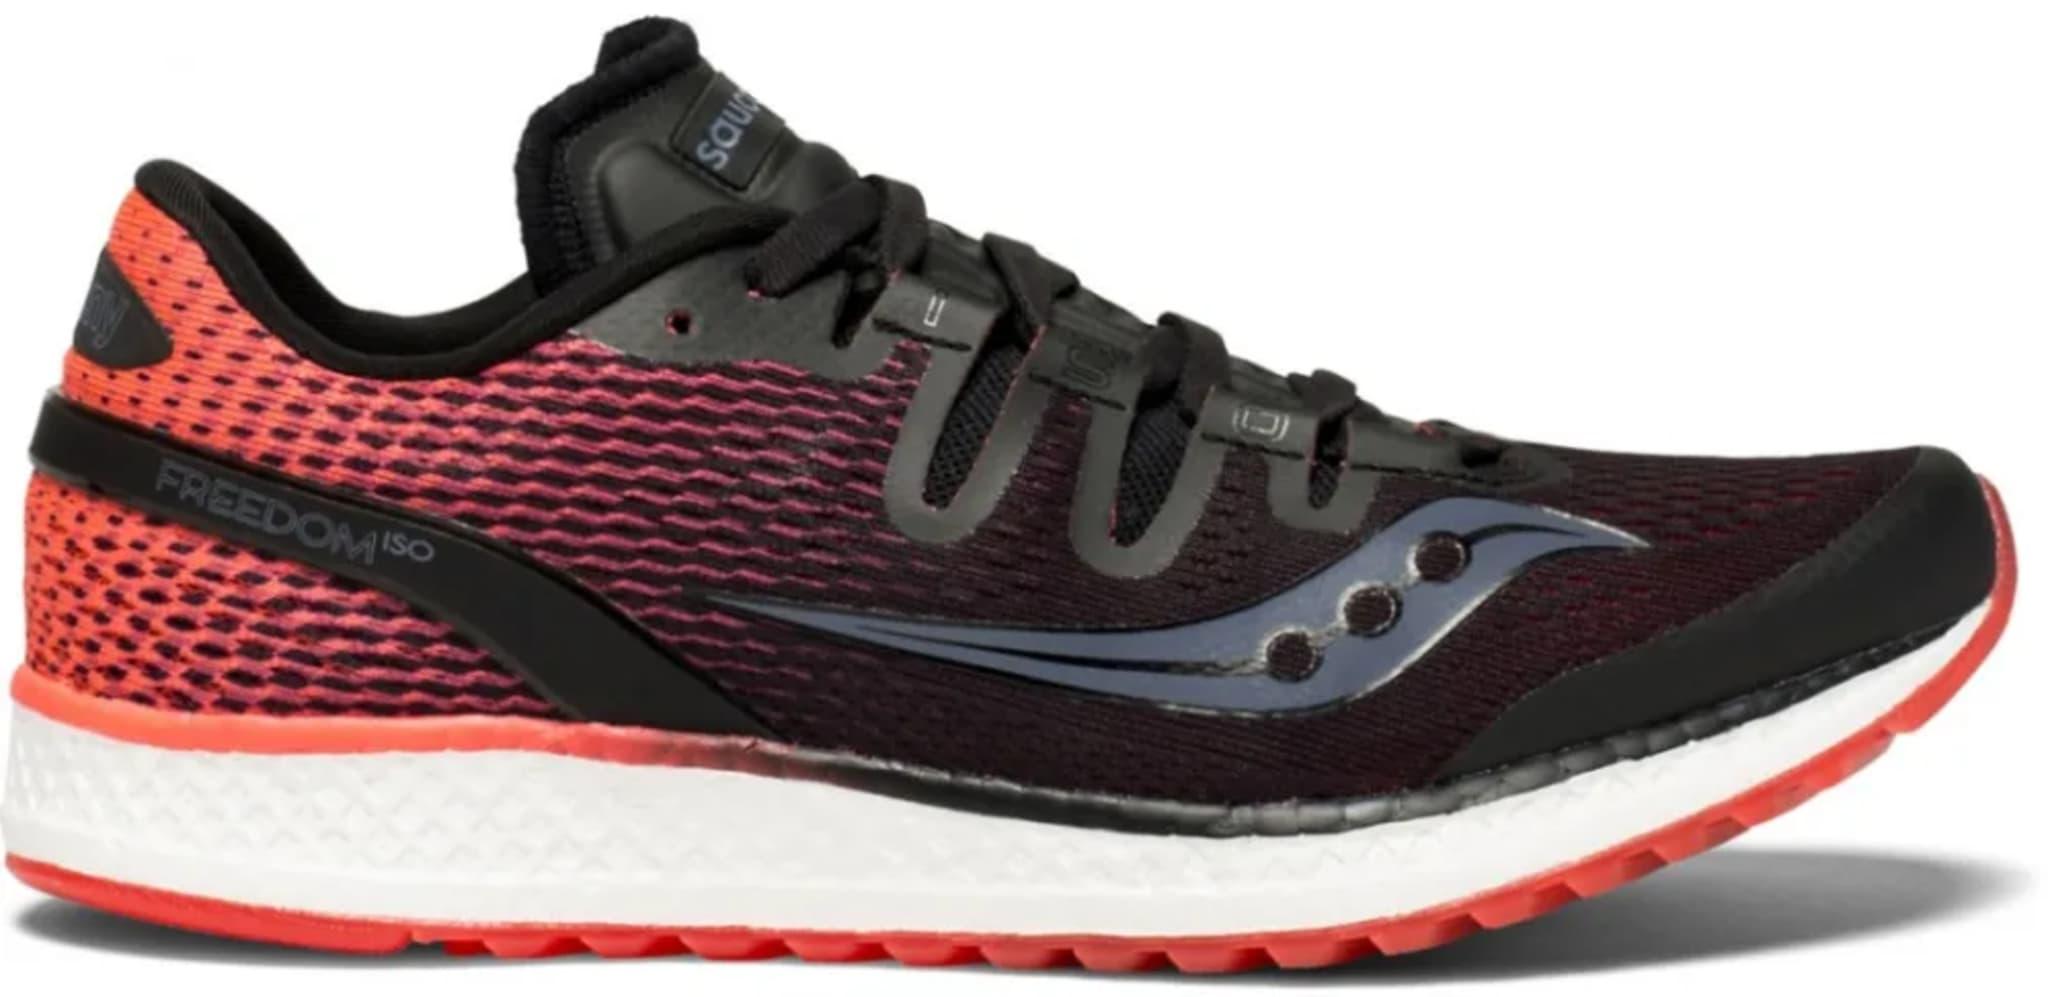 Den første skoen fra Saucony med full mellomsåle av EVERUN som gir enda mer energiretur, mer respons, mer demping.